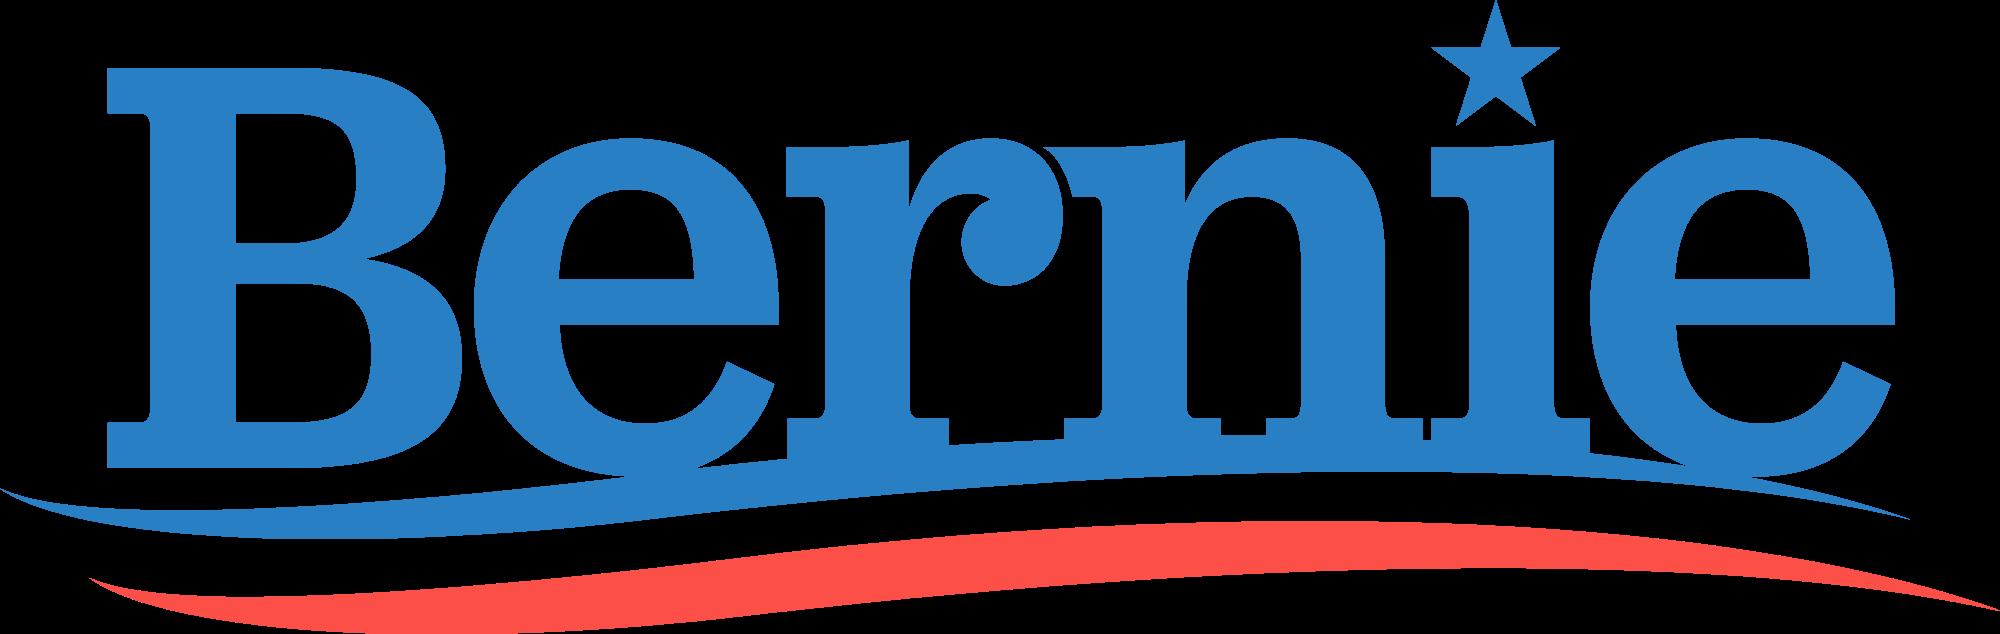 Bernie_Sanders_2016_logo.svg.png